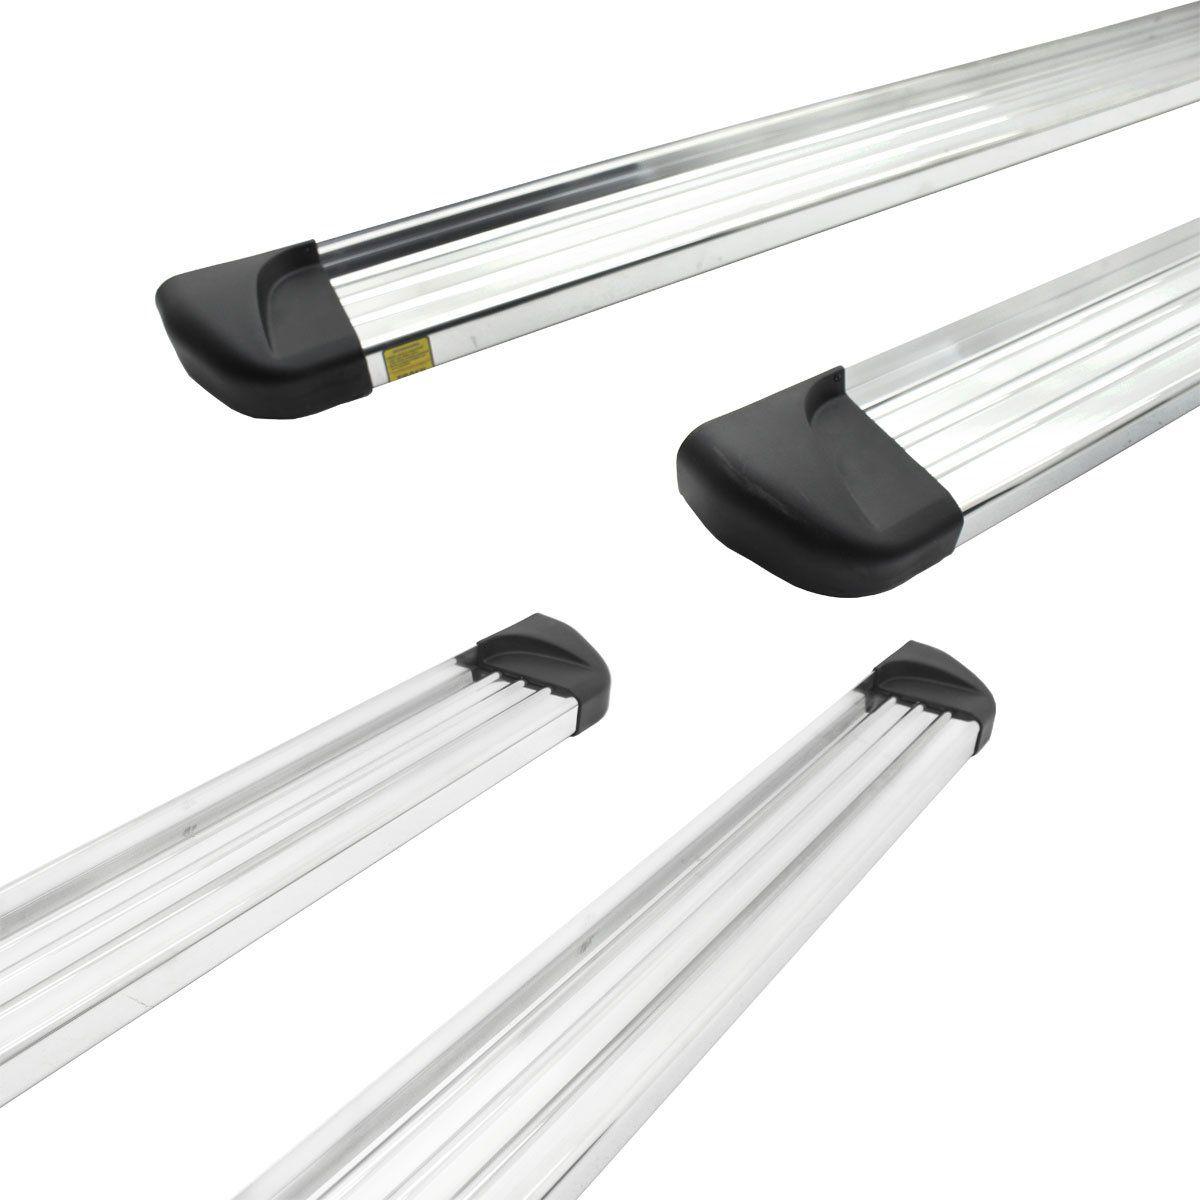 Estribo plataforma alumínio Duster 2012 a 2020